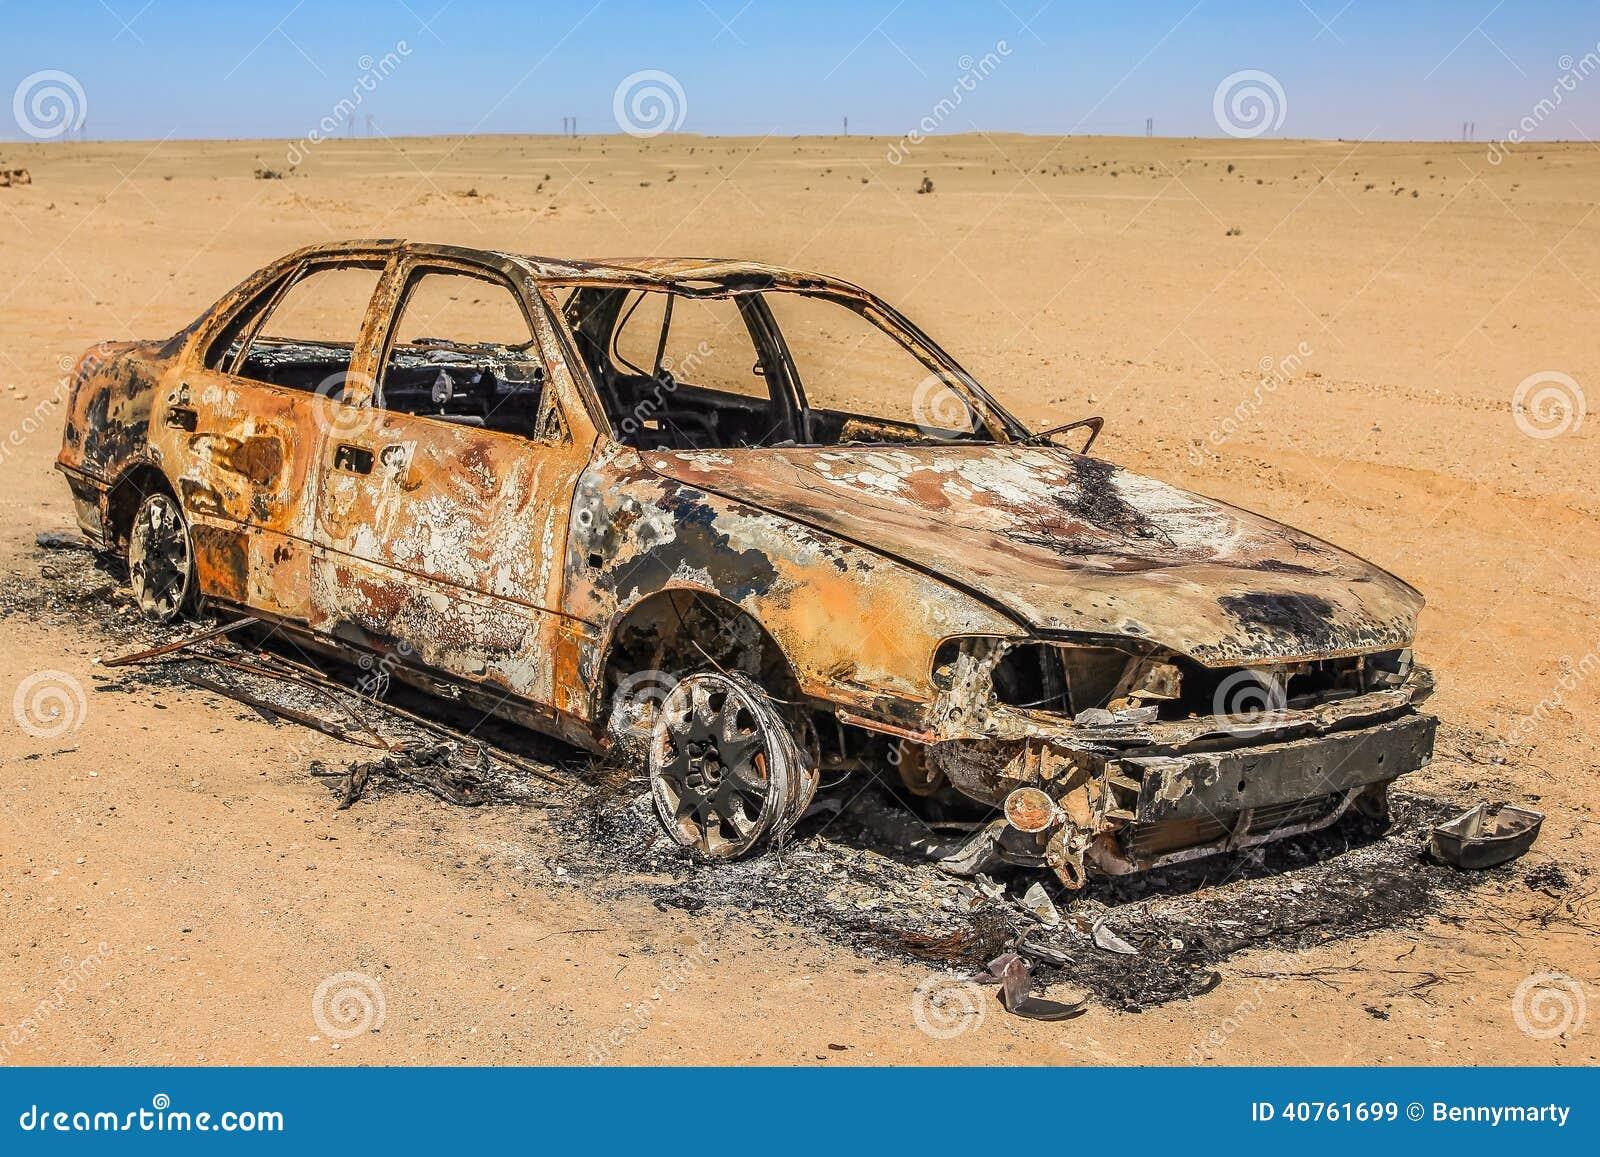 Auto-Wrack in der Wüste